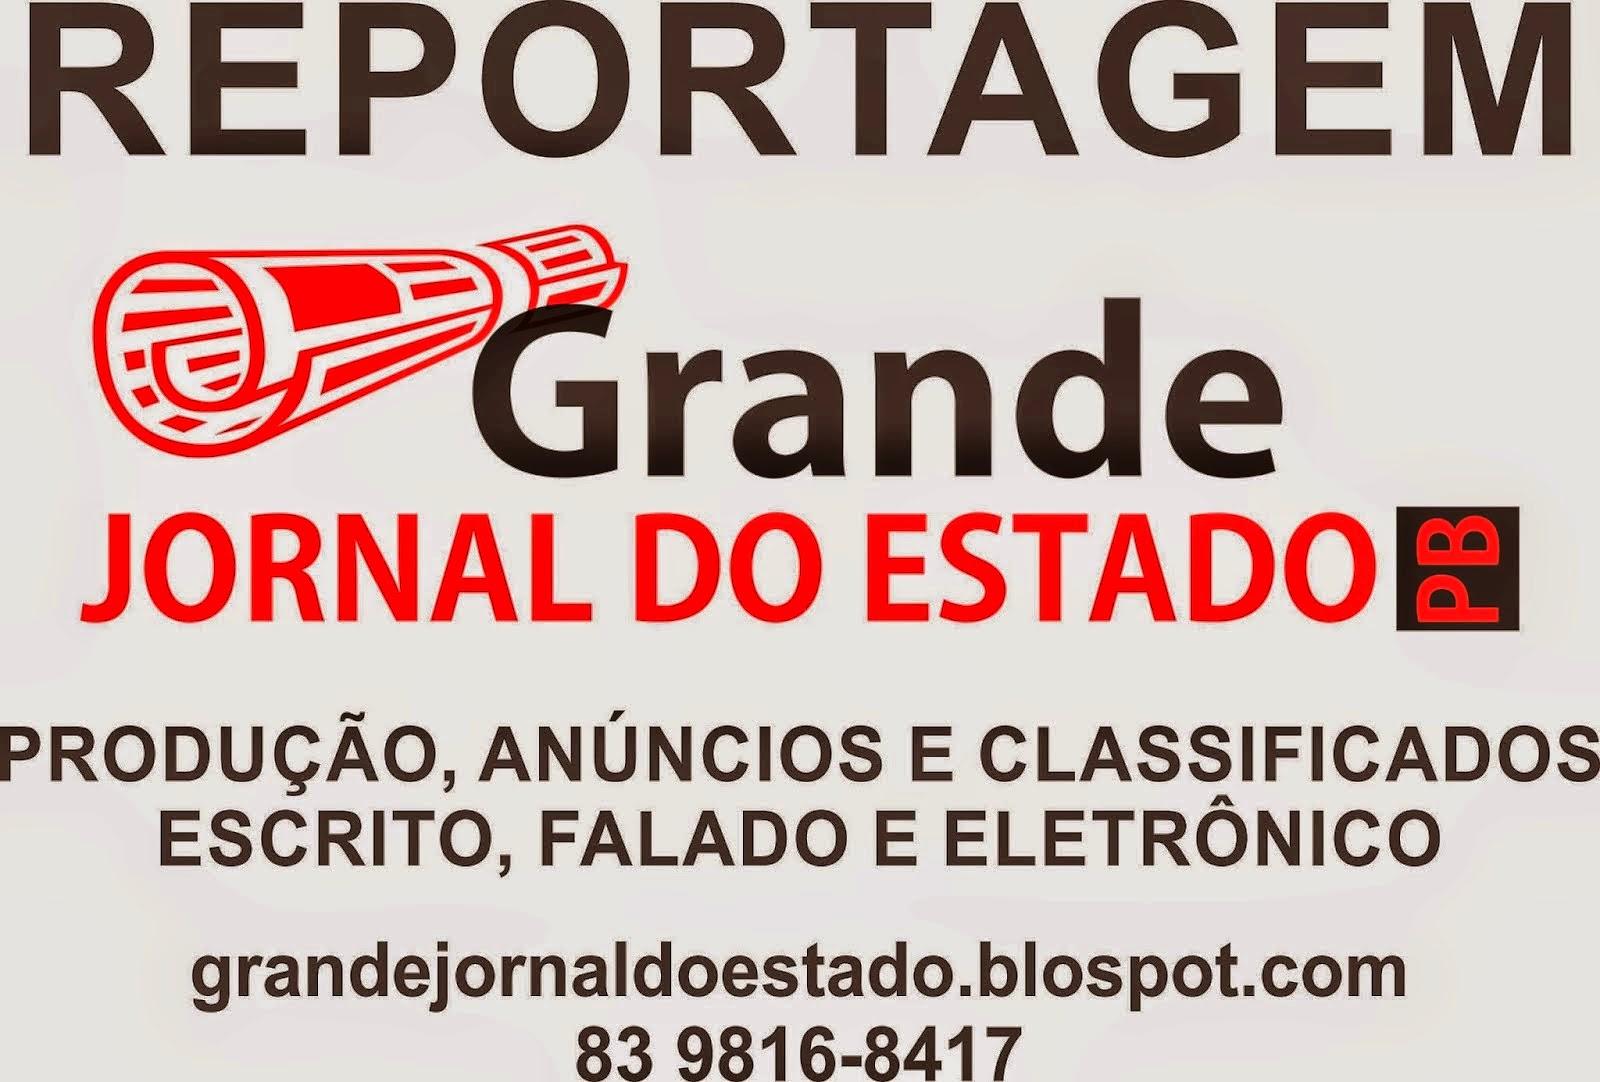 BREVE LANÇAMENTO DOS CADERNOS DO NOSSO GRANDE JORNAL  IMPRESSO  EM ENCARTES